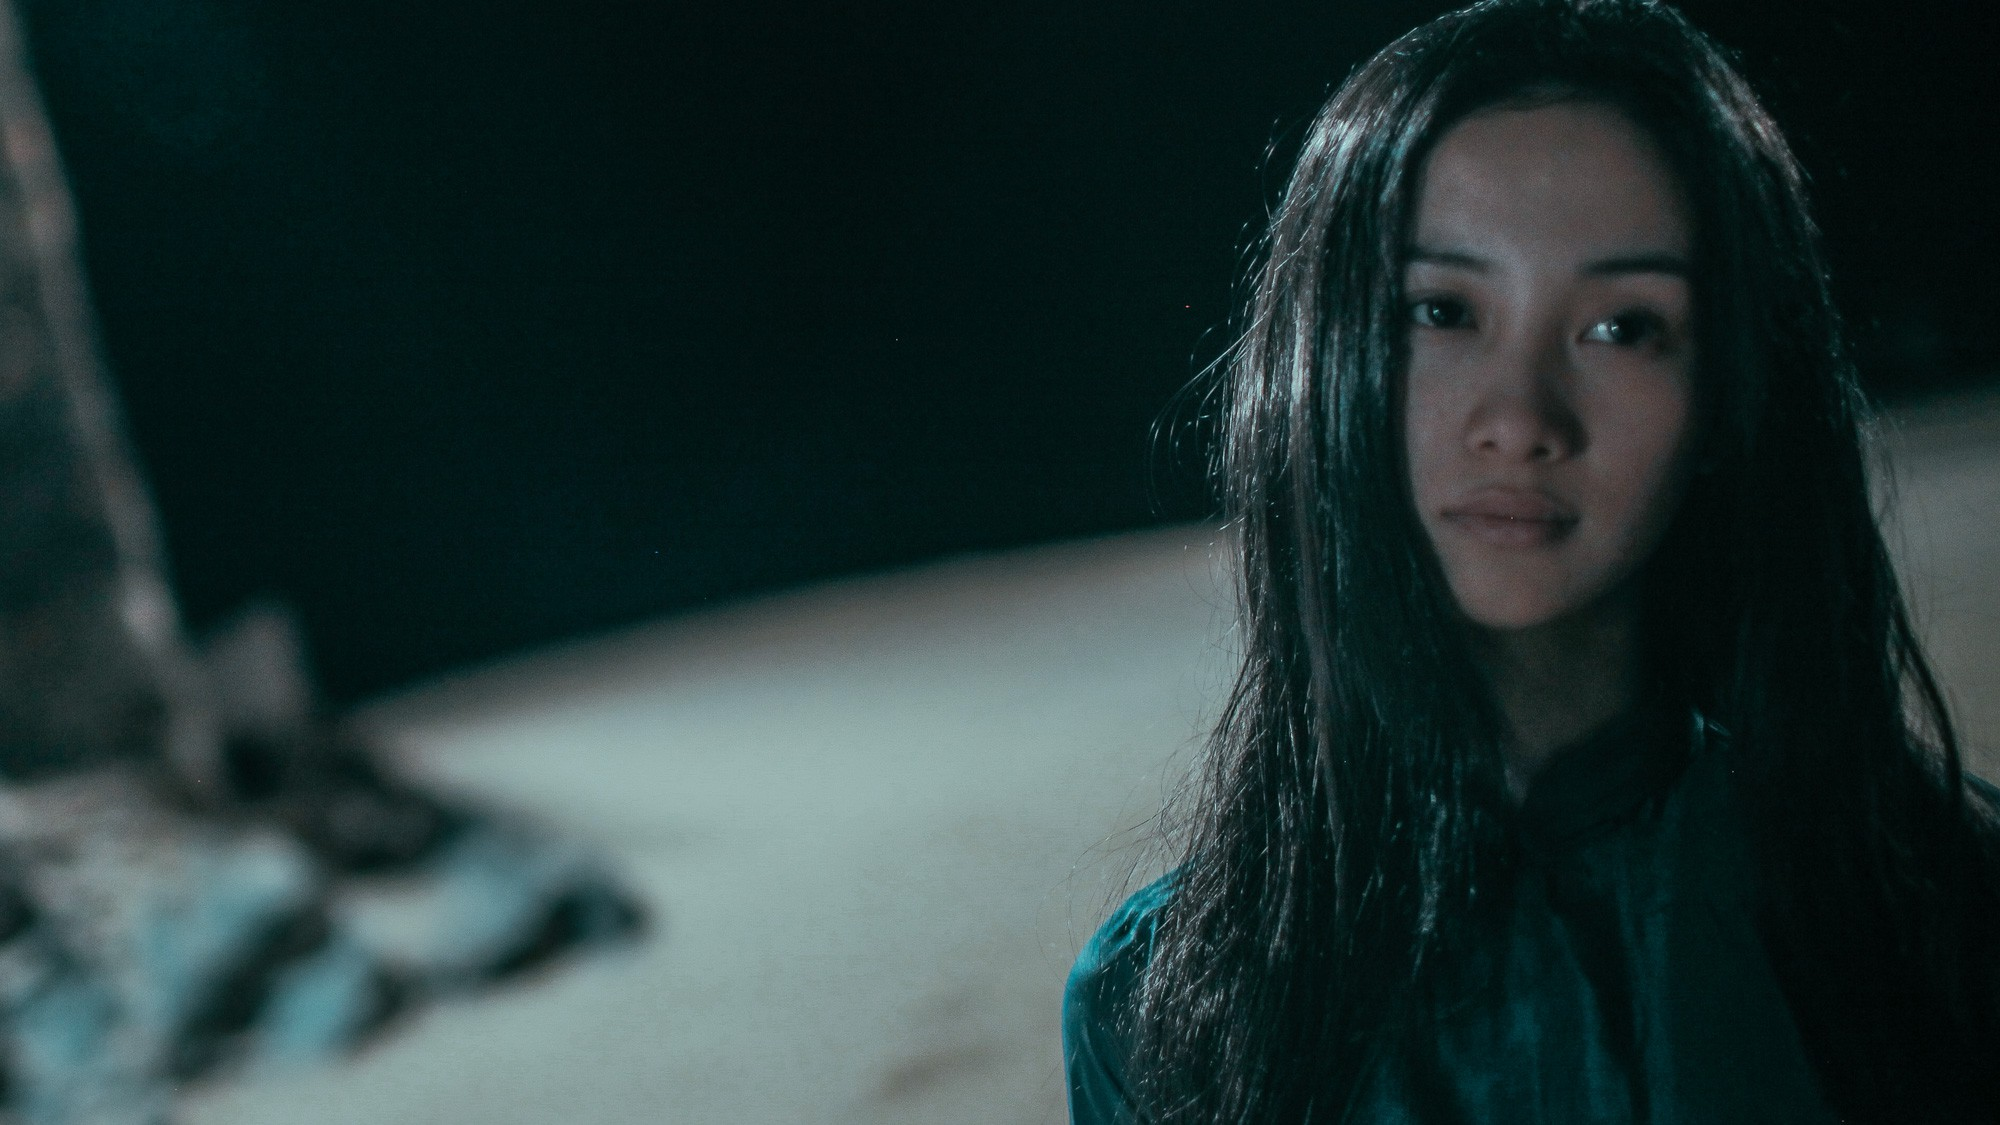 Jun Vũ không chỉ đẹp mà còn ma mị khi làm cô ca nương đoản mệnh trong Người Bất Tử - Ảnh 6.